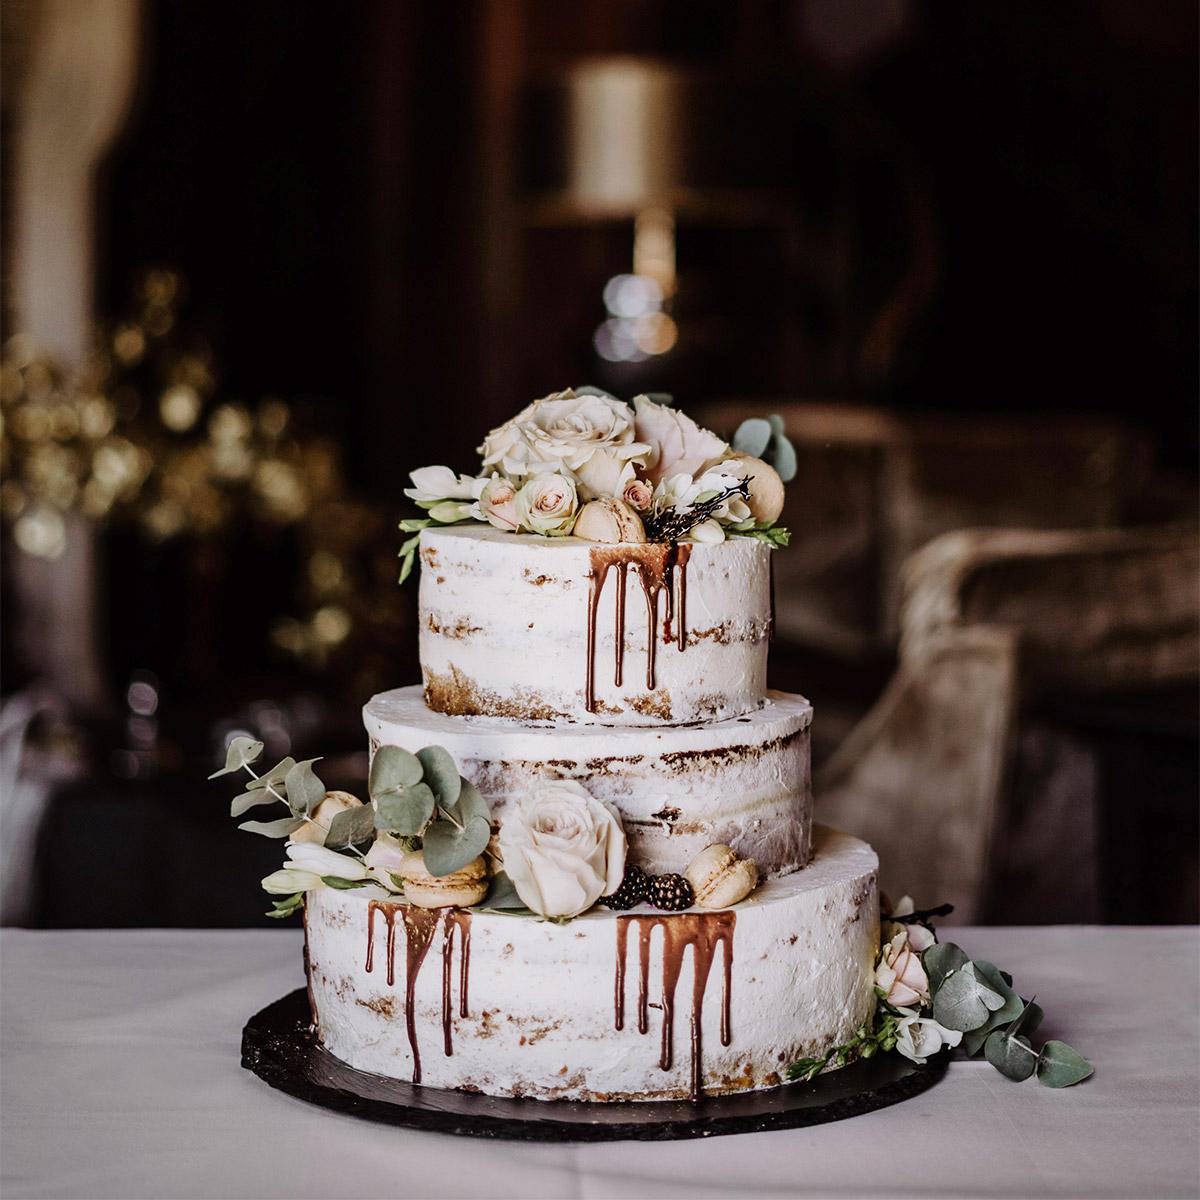 vintage Hochzeitstorte ohne Fondant in Weiß fall-drip naked wedding cake; schöne Hochzeitsdeko auf Schloss Kartzow von vintage Hochzeitsfotografin aus Berlin #hochzeitslicht © www.hochzeitslicht.de